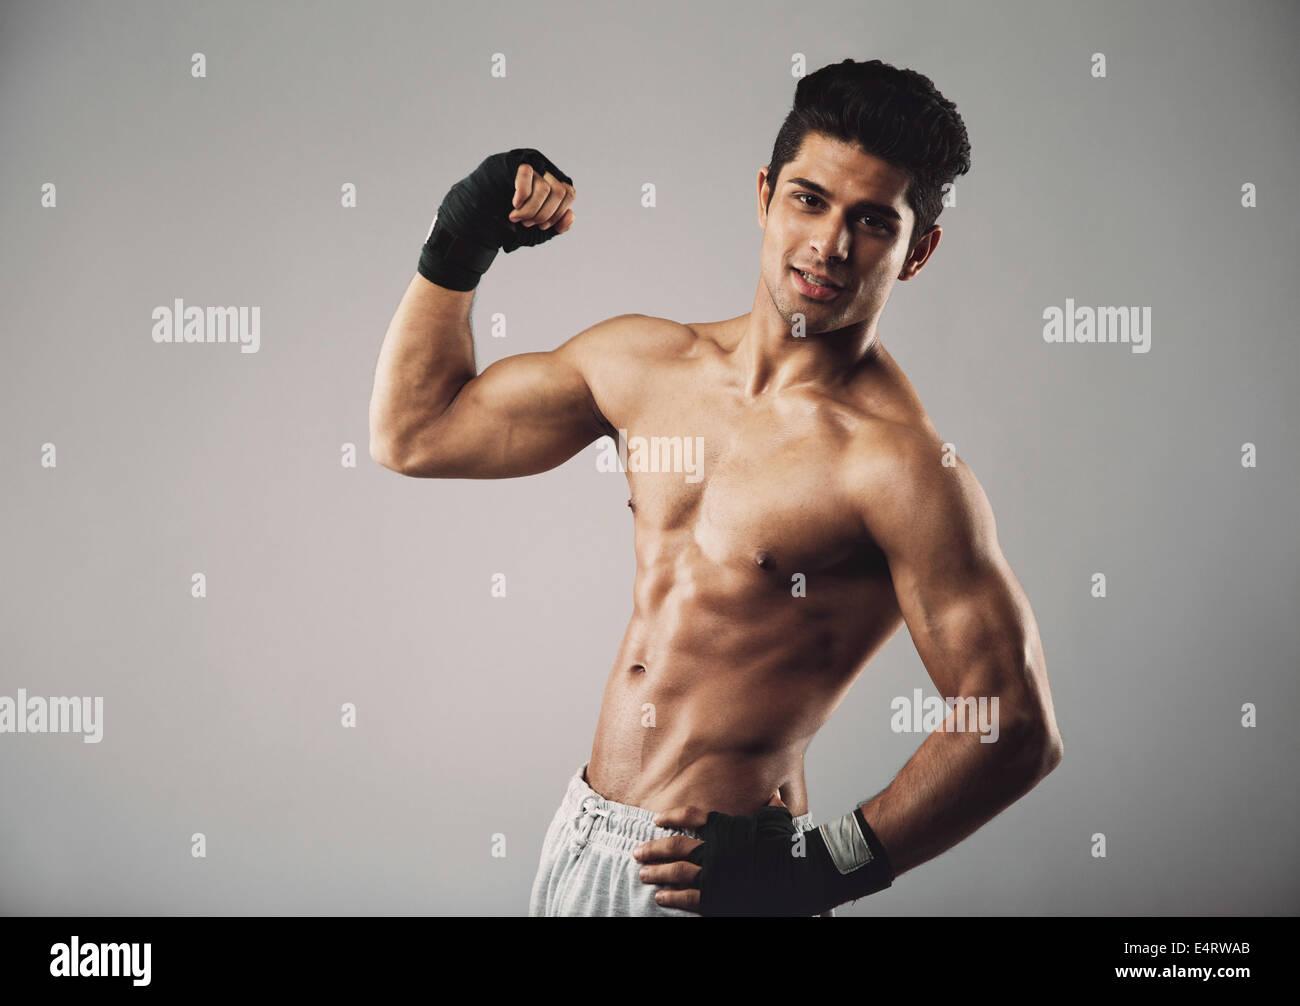 Retrato del hombre muscular tirando de su bíceps para lucirse. Los jóvenes hispanos flexionando sus bíceps hombre Foto de stock